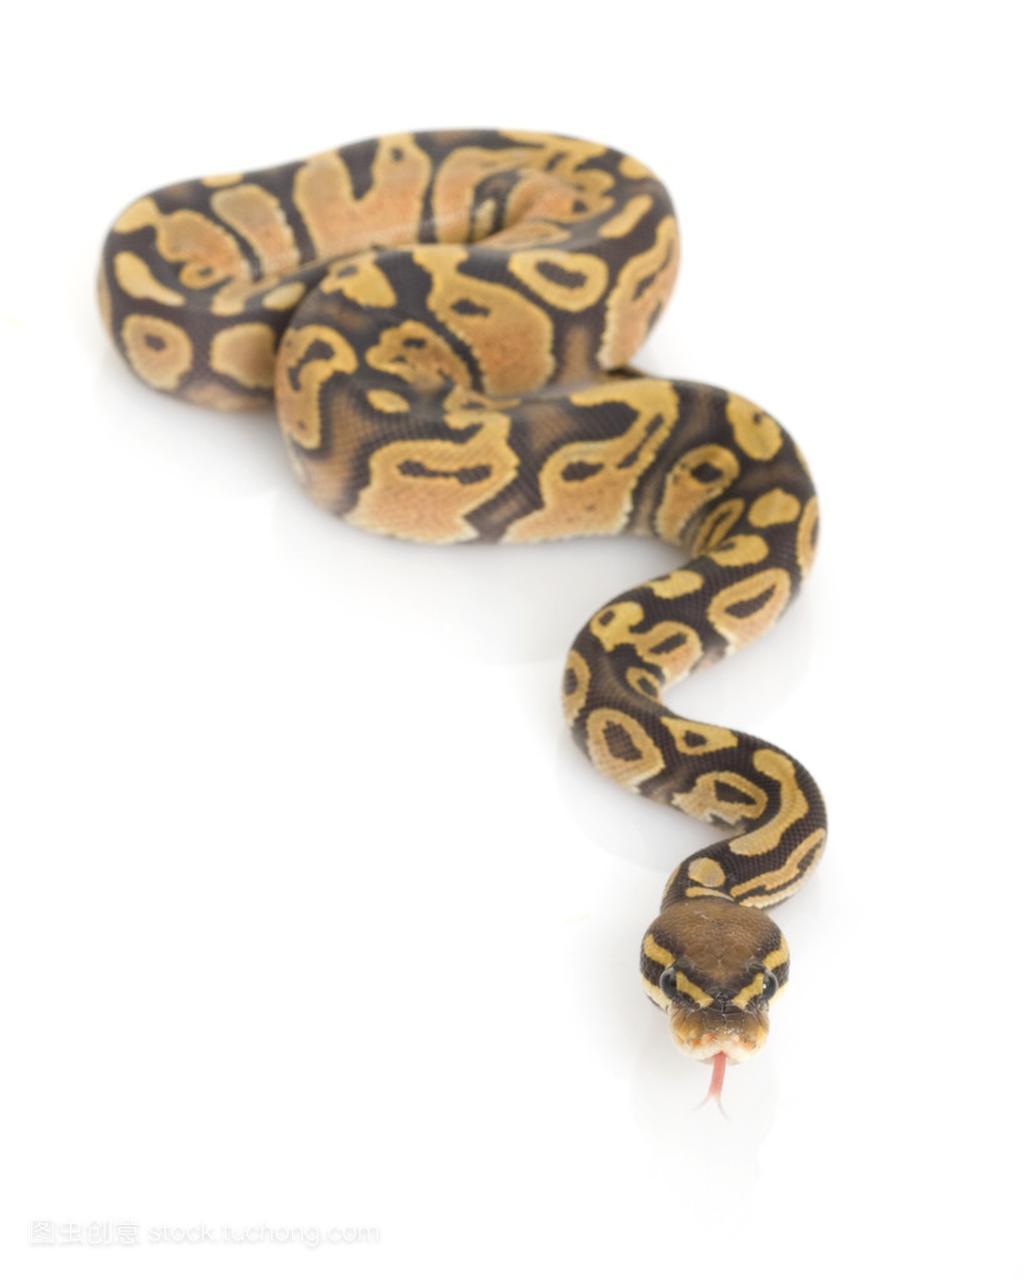 低亚硫酸钠球 python